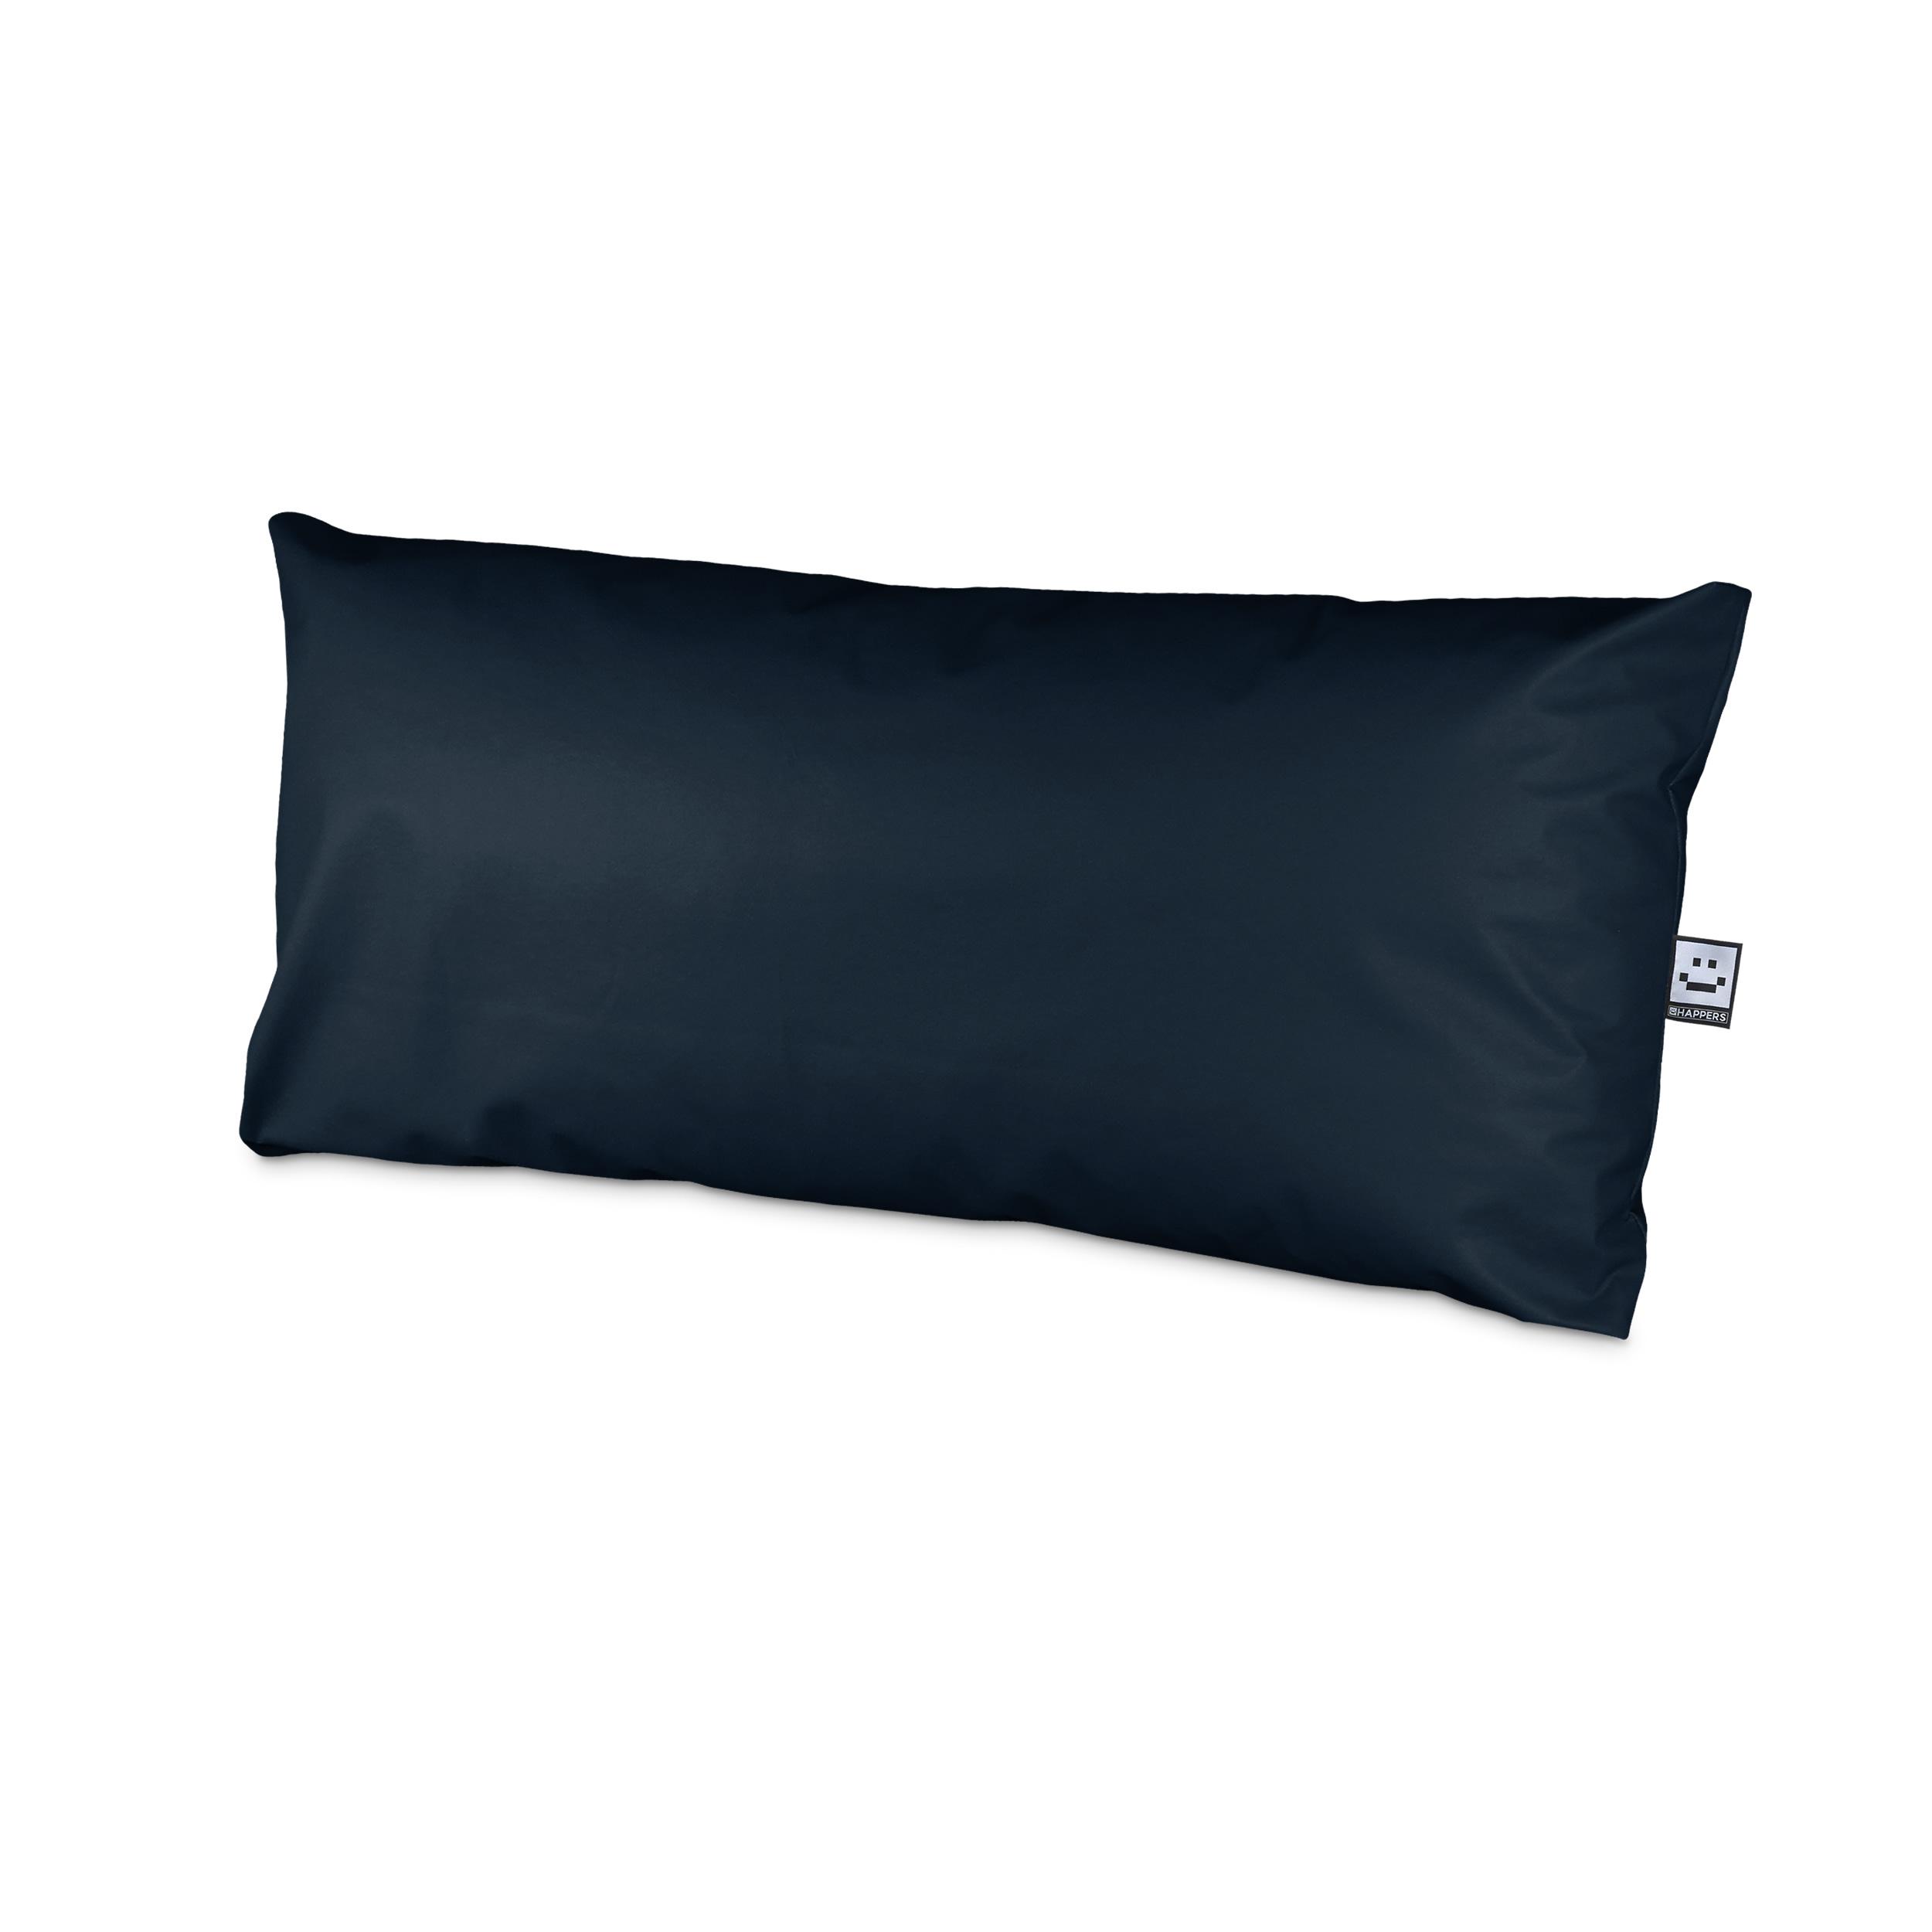 Set de Cojines Impermeables y Desenfundables para Palet en Polipiel Azul Oscuro (1)